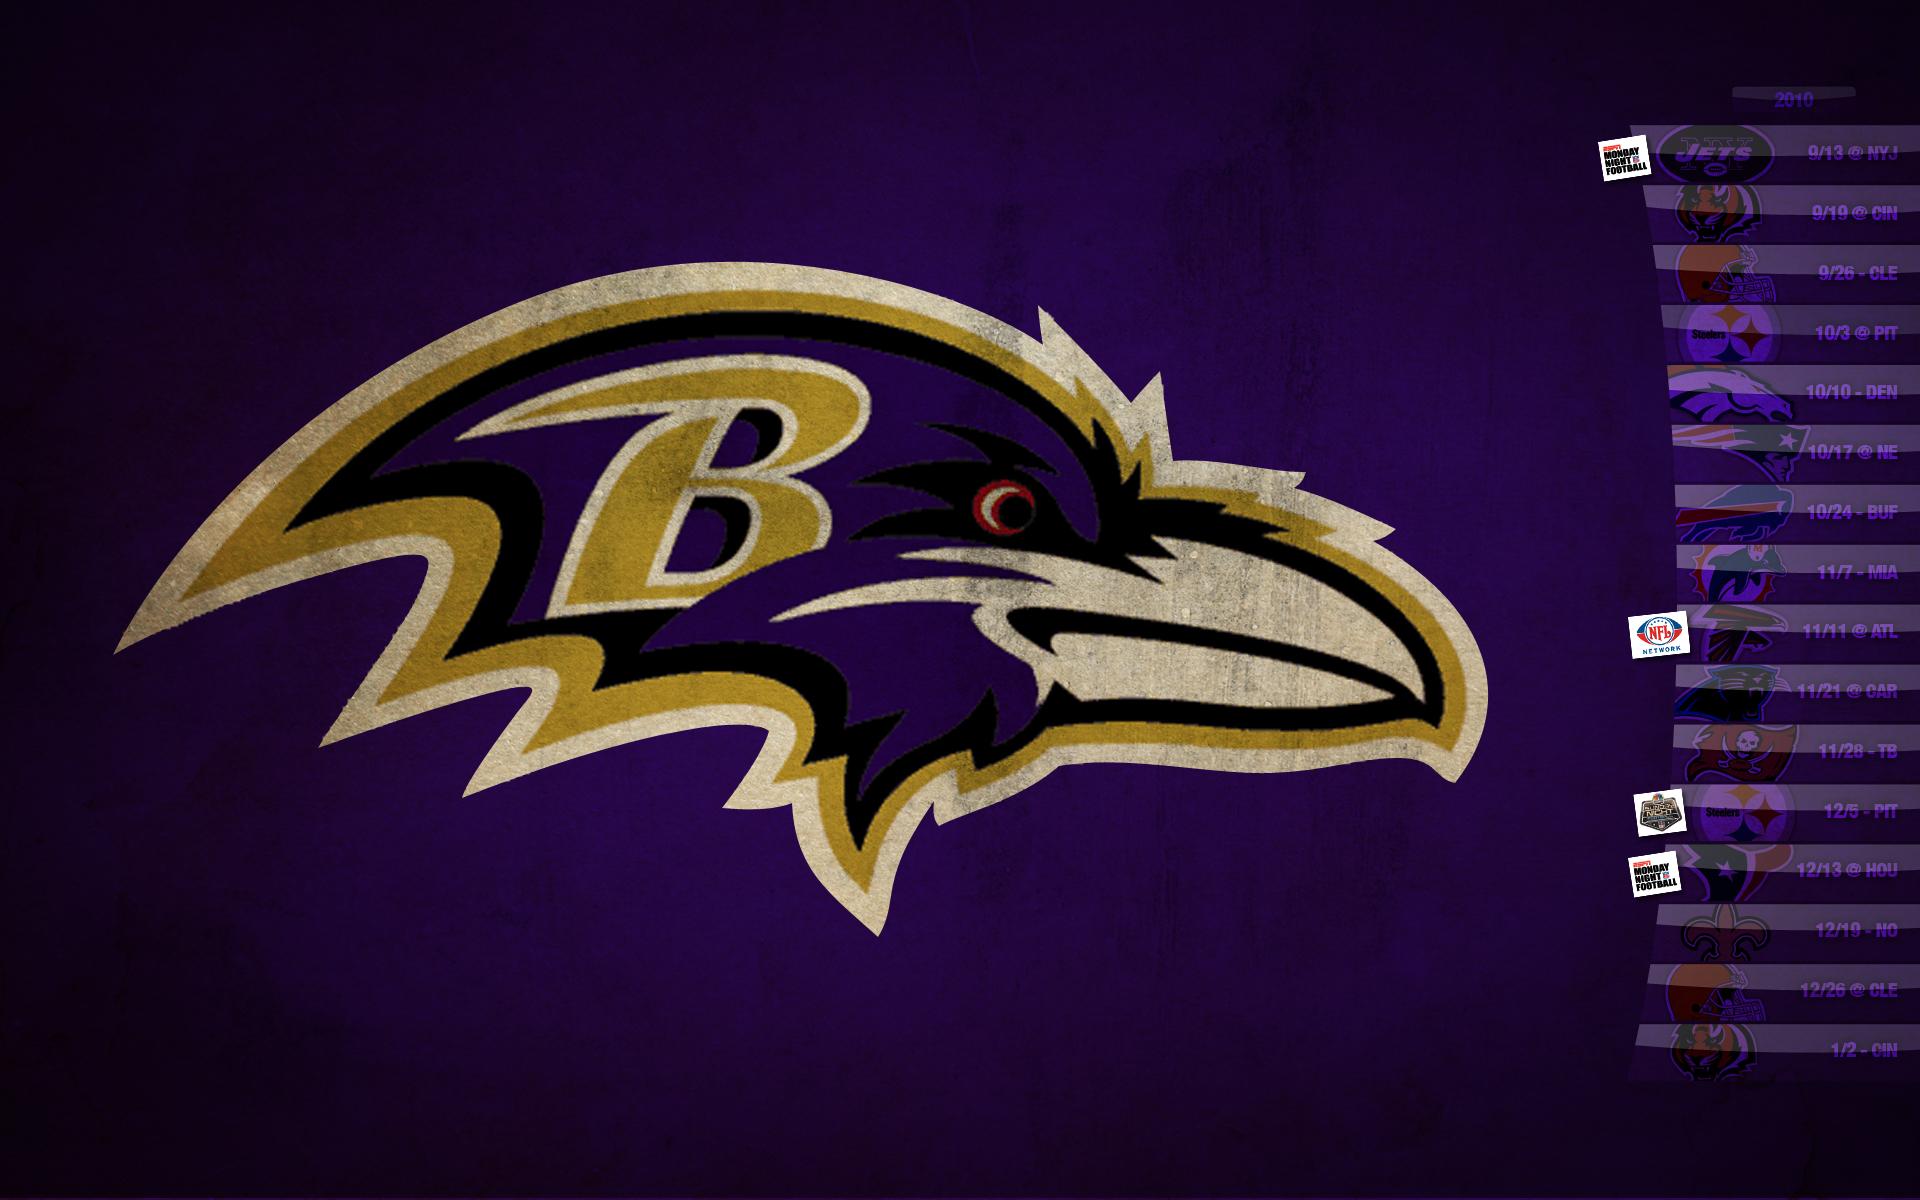 Baltimore Ravens wallpaper desktop image Baltimore Ravens 1920x1200